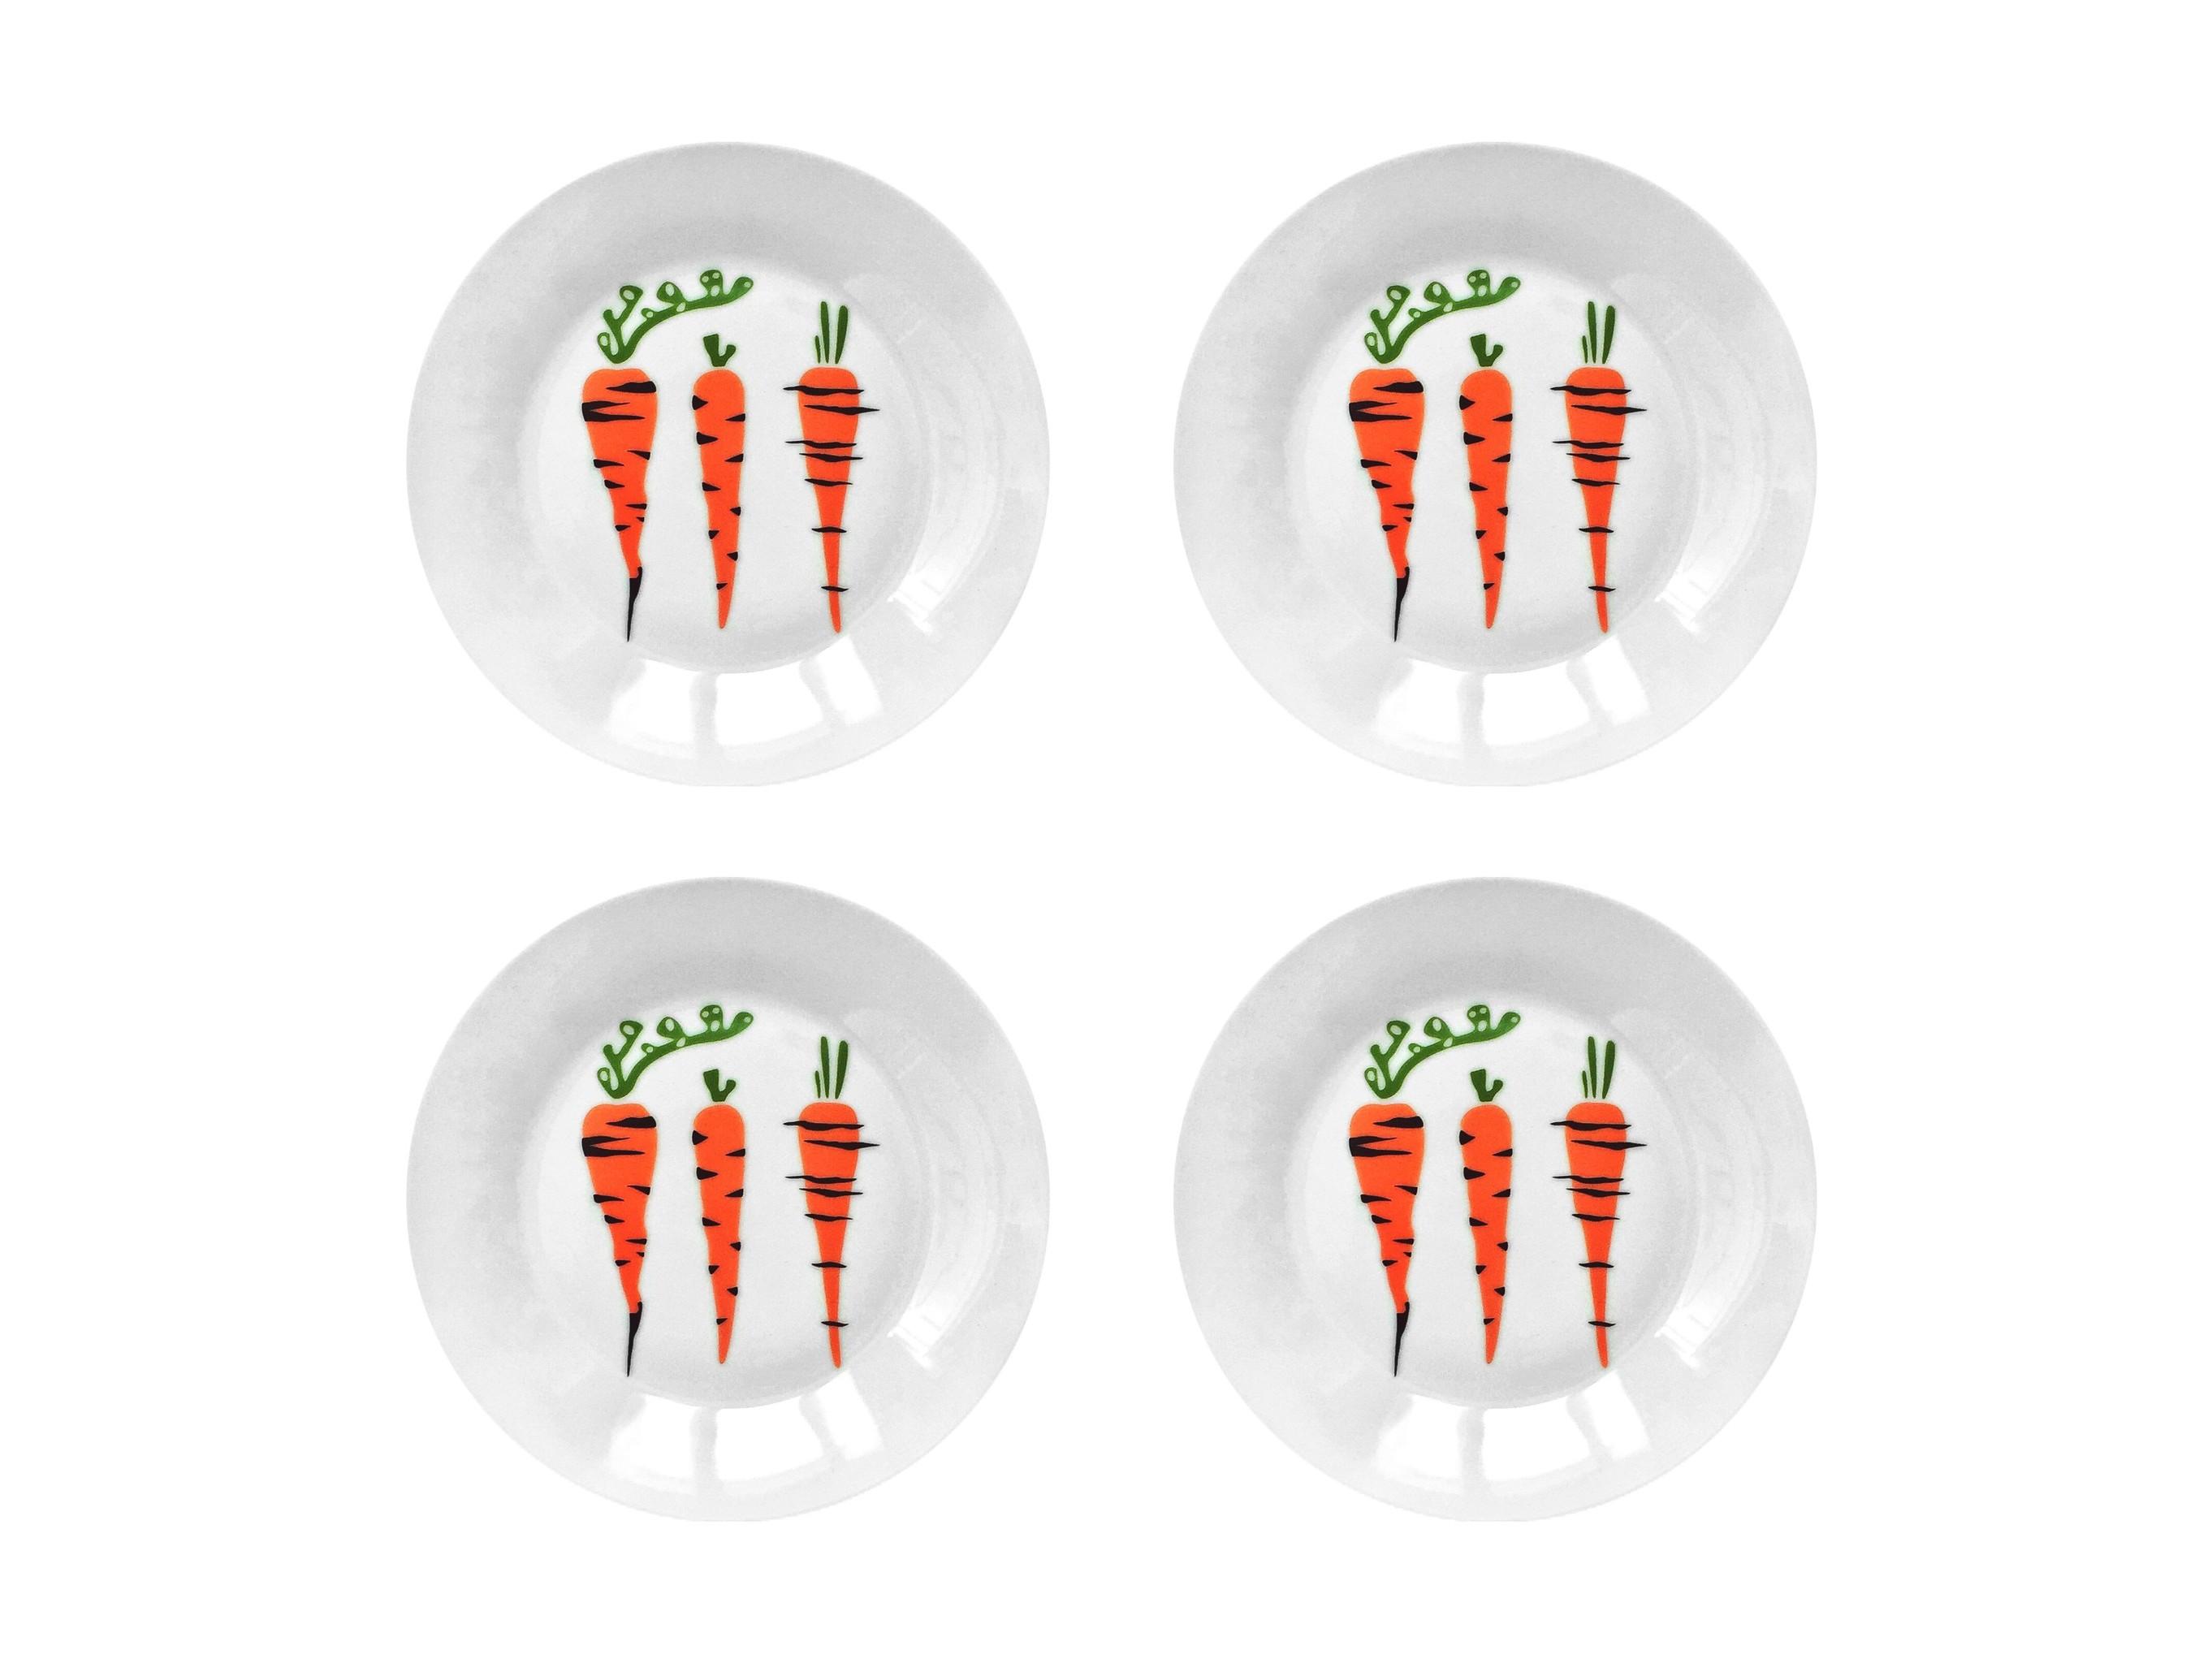 Набор тарелок МорковкаТарелки<br>Посуду можно использовать в микроволновой печи и посудомоечной машине.&amp;amp;nbsp;&amp;lt;div&amp;gt;В комплект входят: Тарелка 20 см - 4 шт.&amp;lt;/div&amp;gt;<br><br>Material: Фарфор